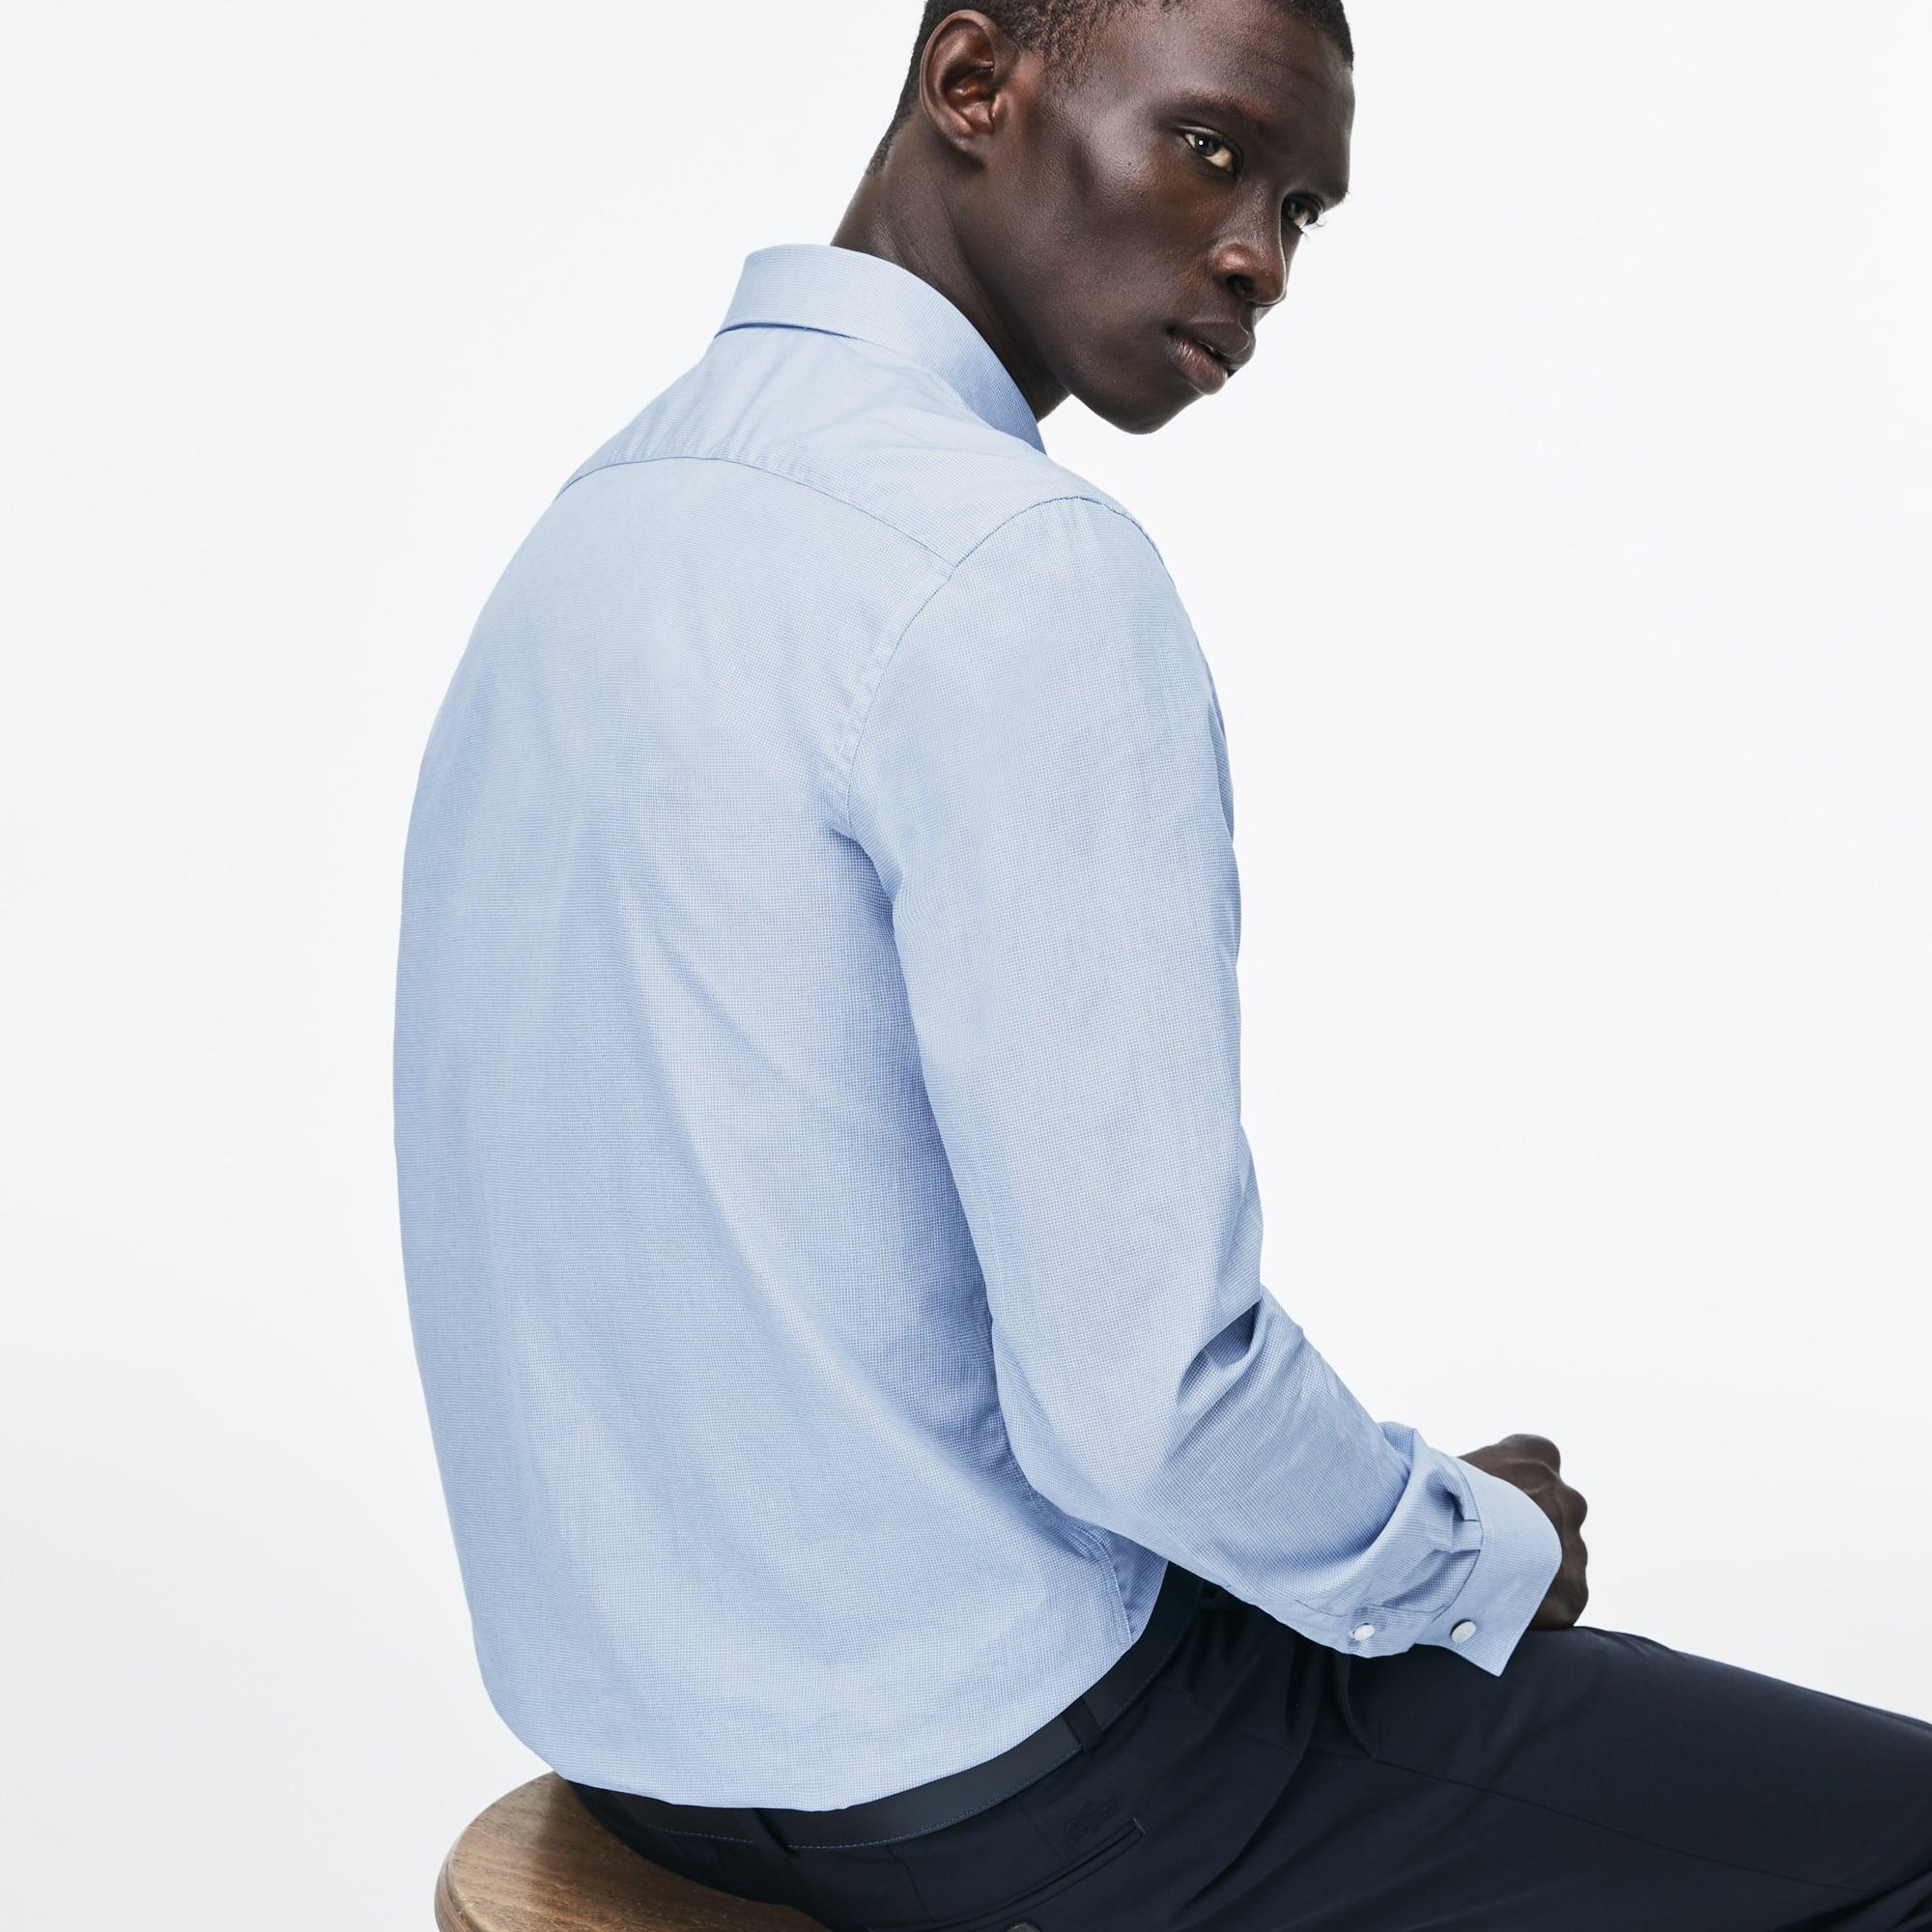 Artikel klicken und genauer betrachten! - Mit diesem Popeline Hemd mit dezentem aufgesticktem Krokodil bleiben Sie schlicht. Das minimalistische Teil passt perfekt zu Chinohosen. | im Online Shop kaufen